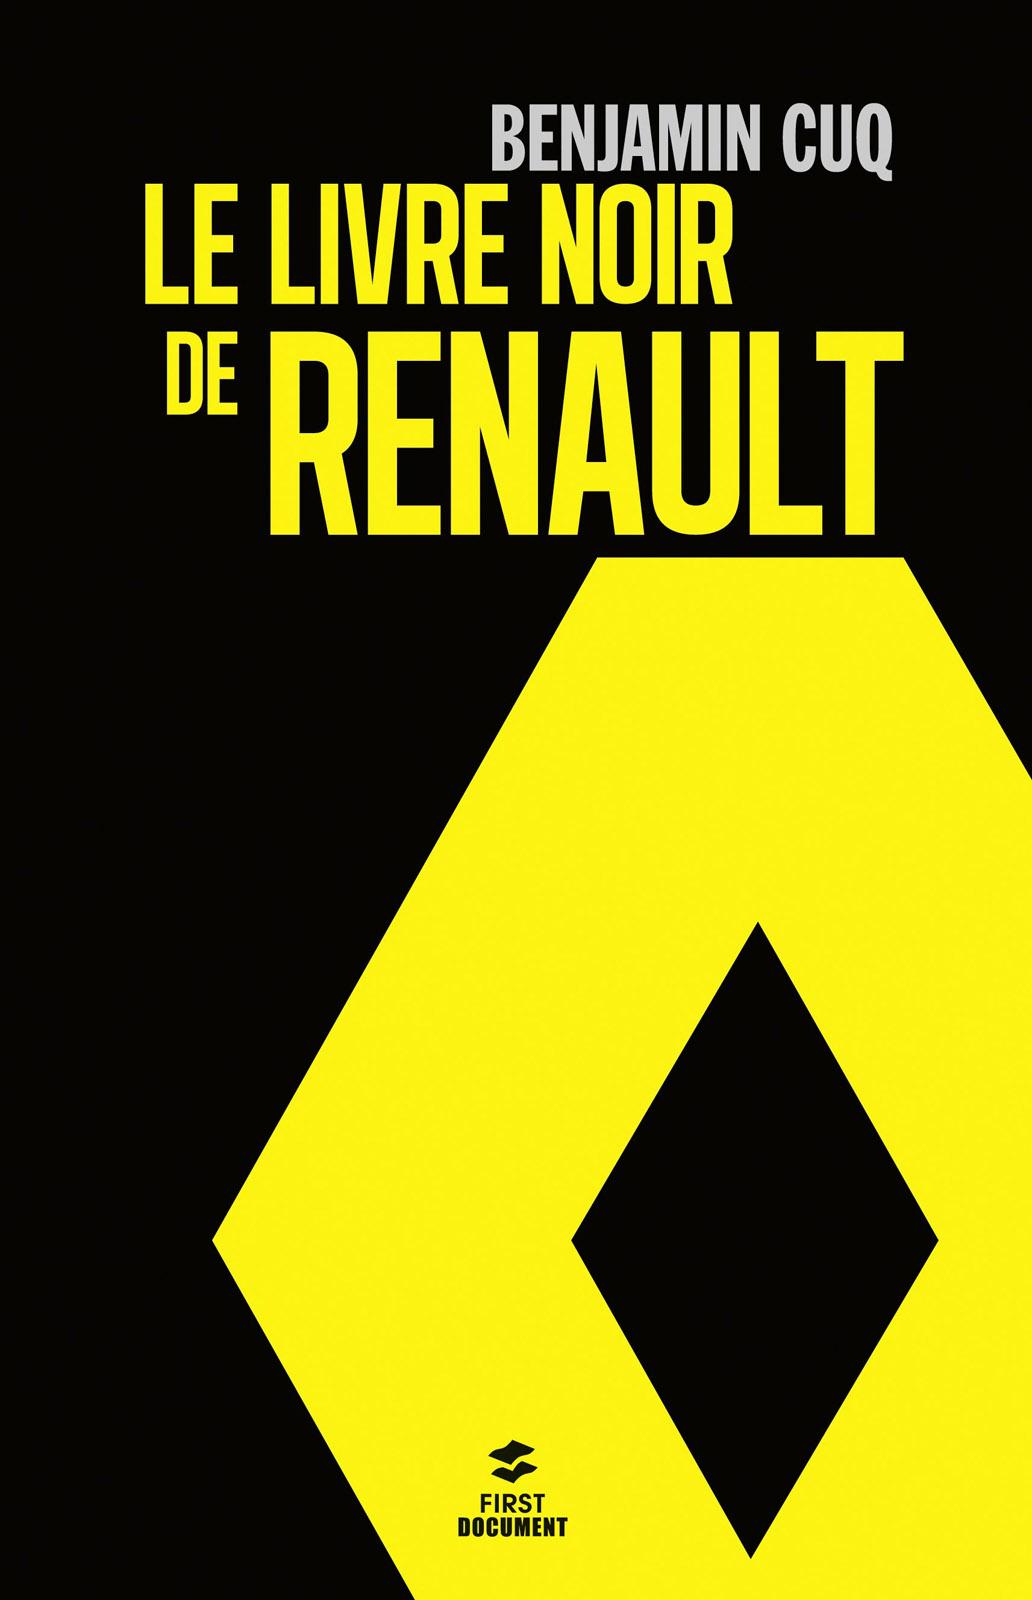 Le livre noir de Renault